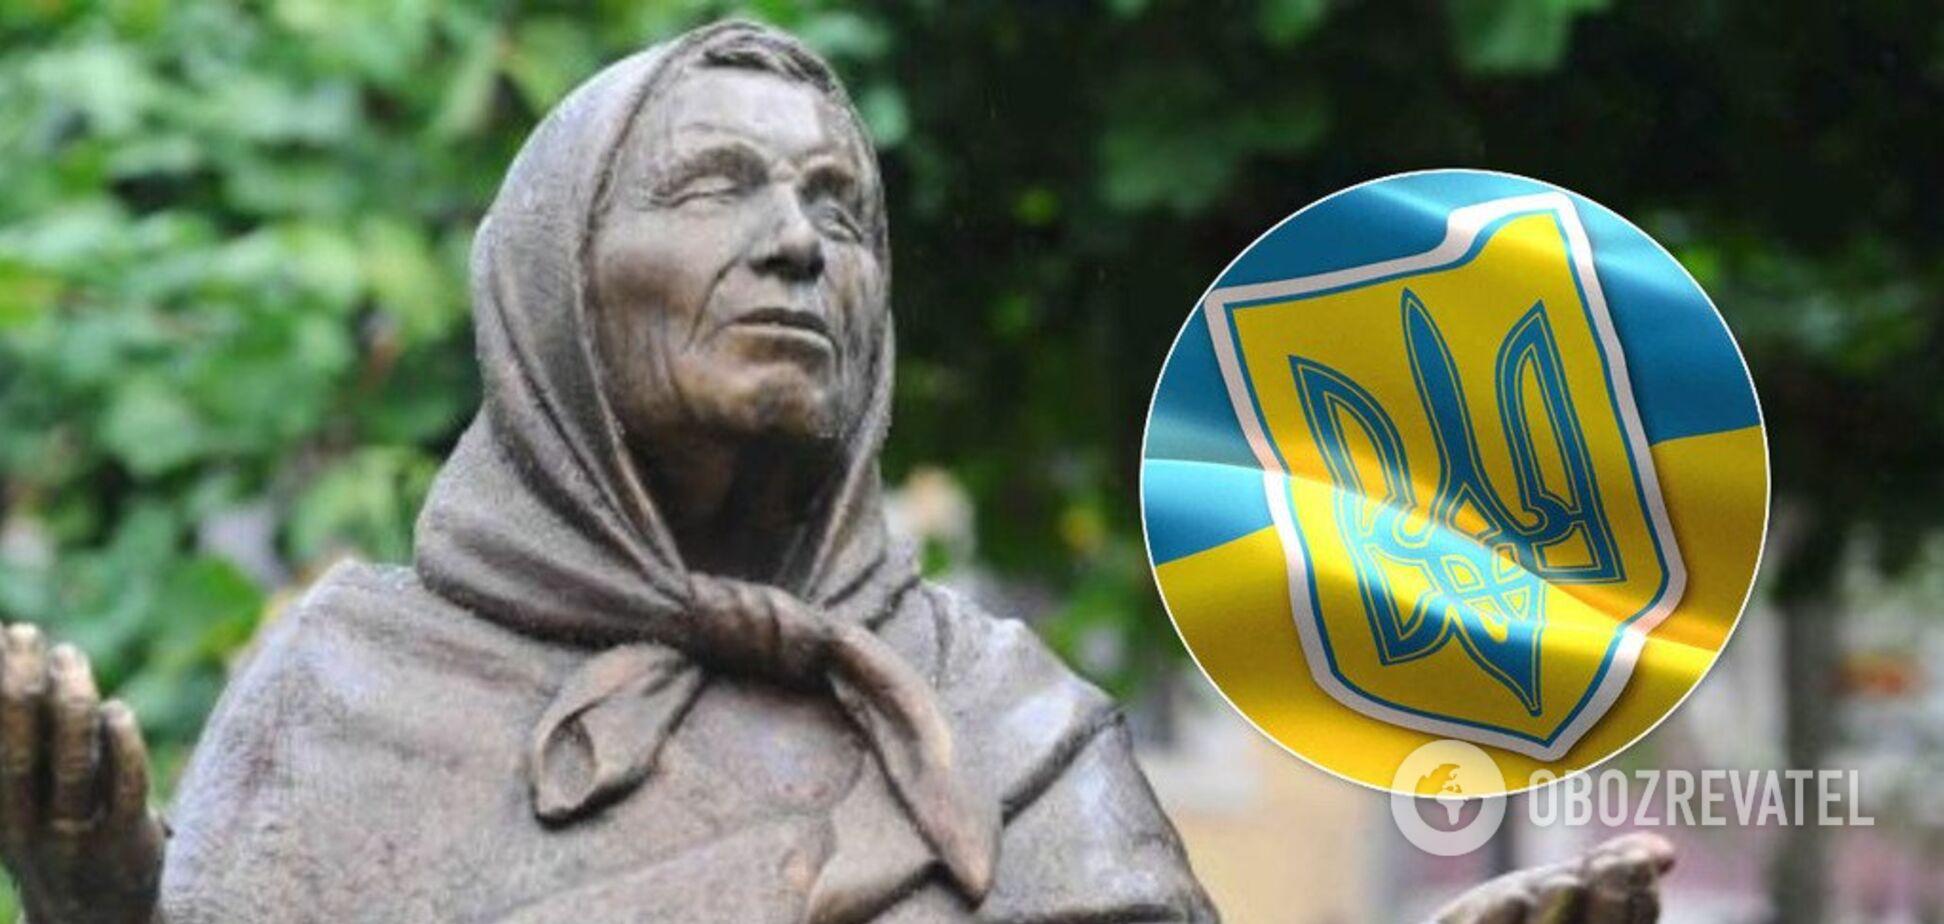 'Прийде зелений господар': росЗМІ 'розшифрували' пророцтва Ванги про Україну